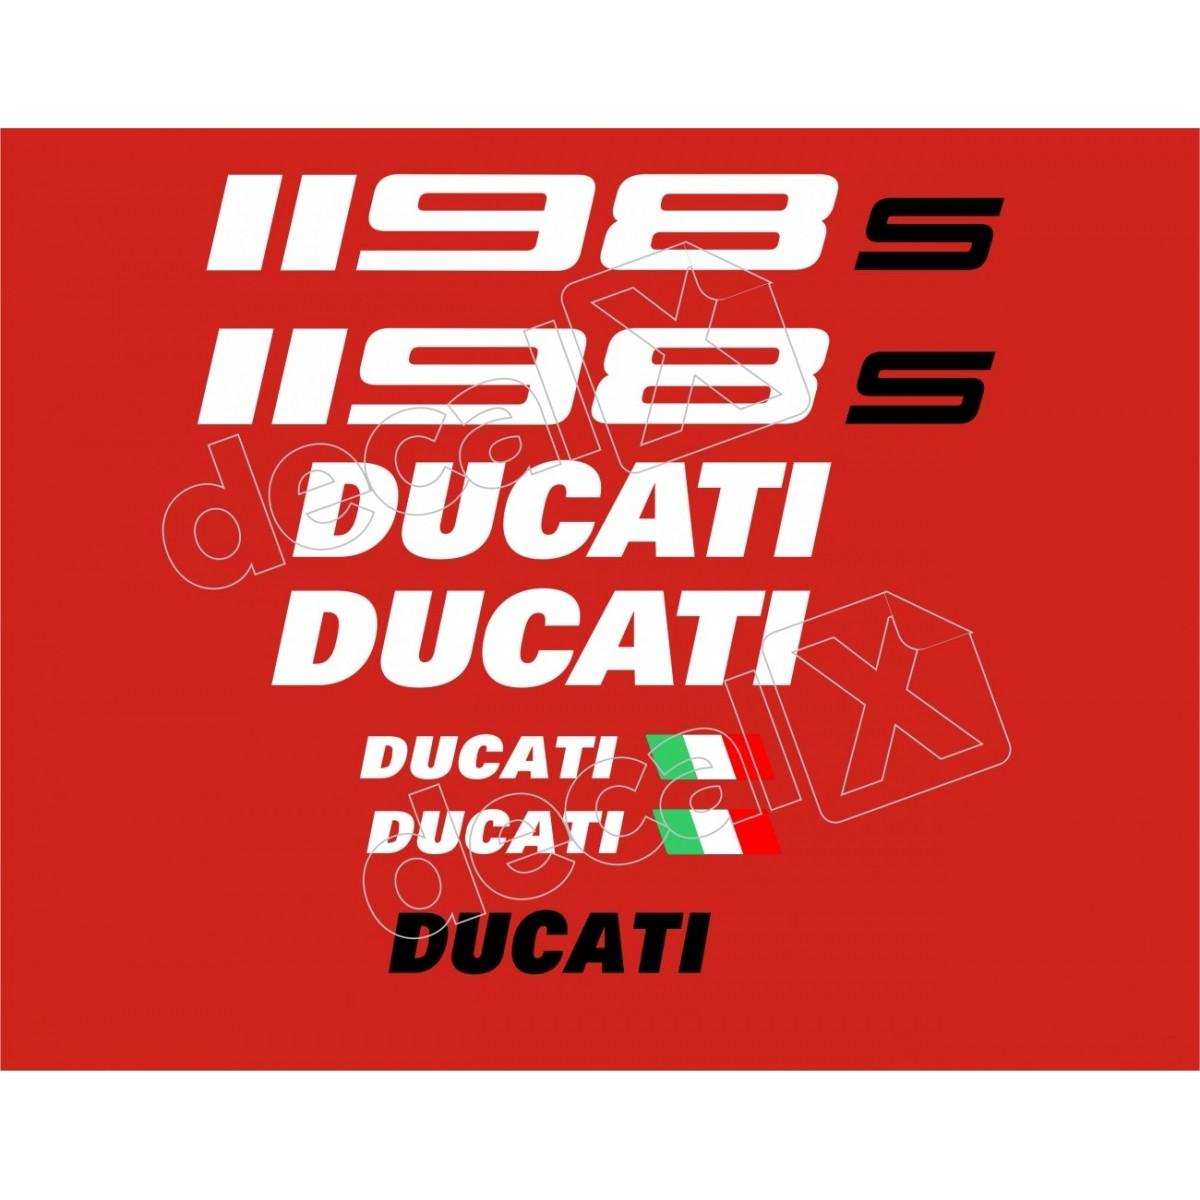 Kit Adesivos Ducati 1198s Vermelha Decalx